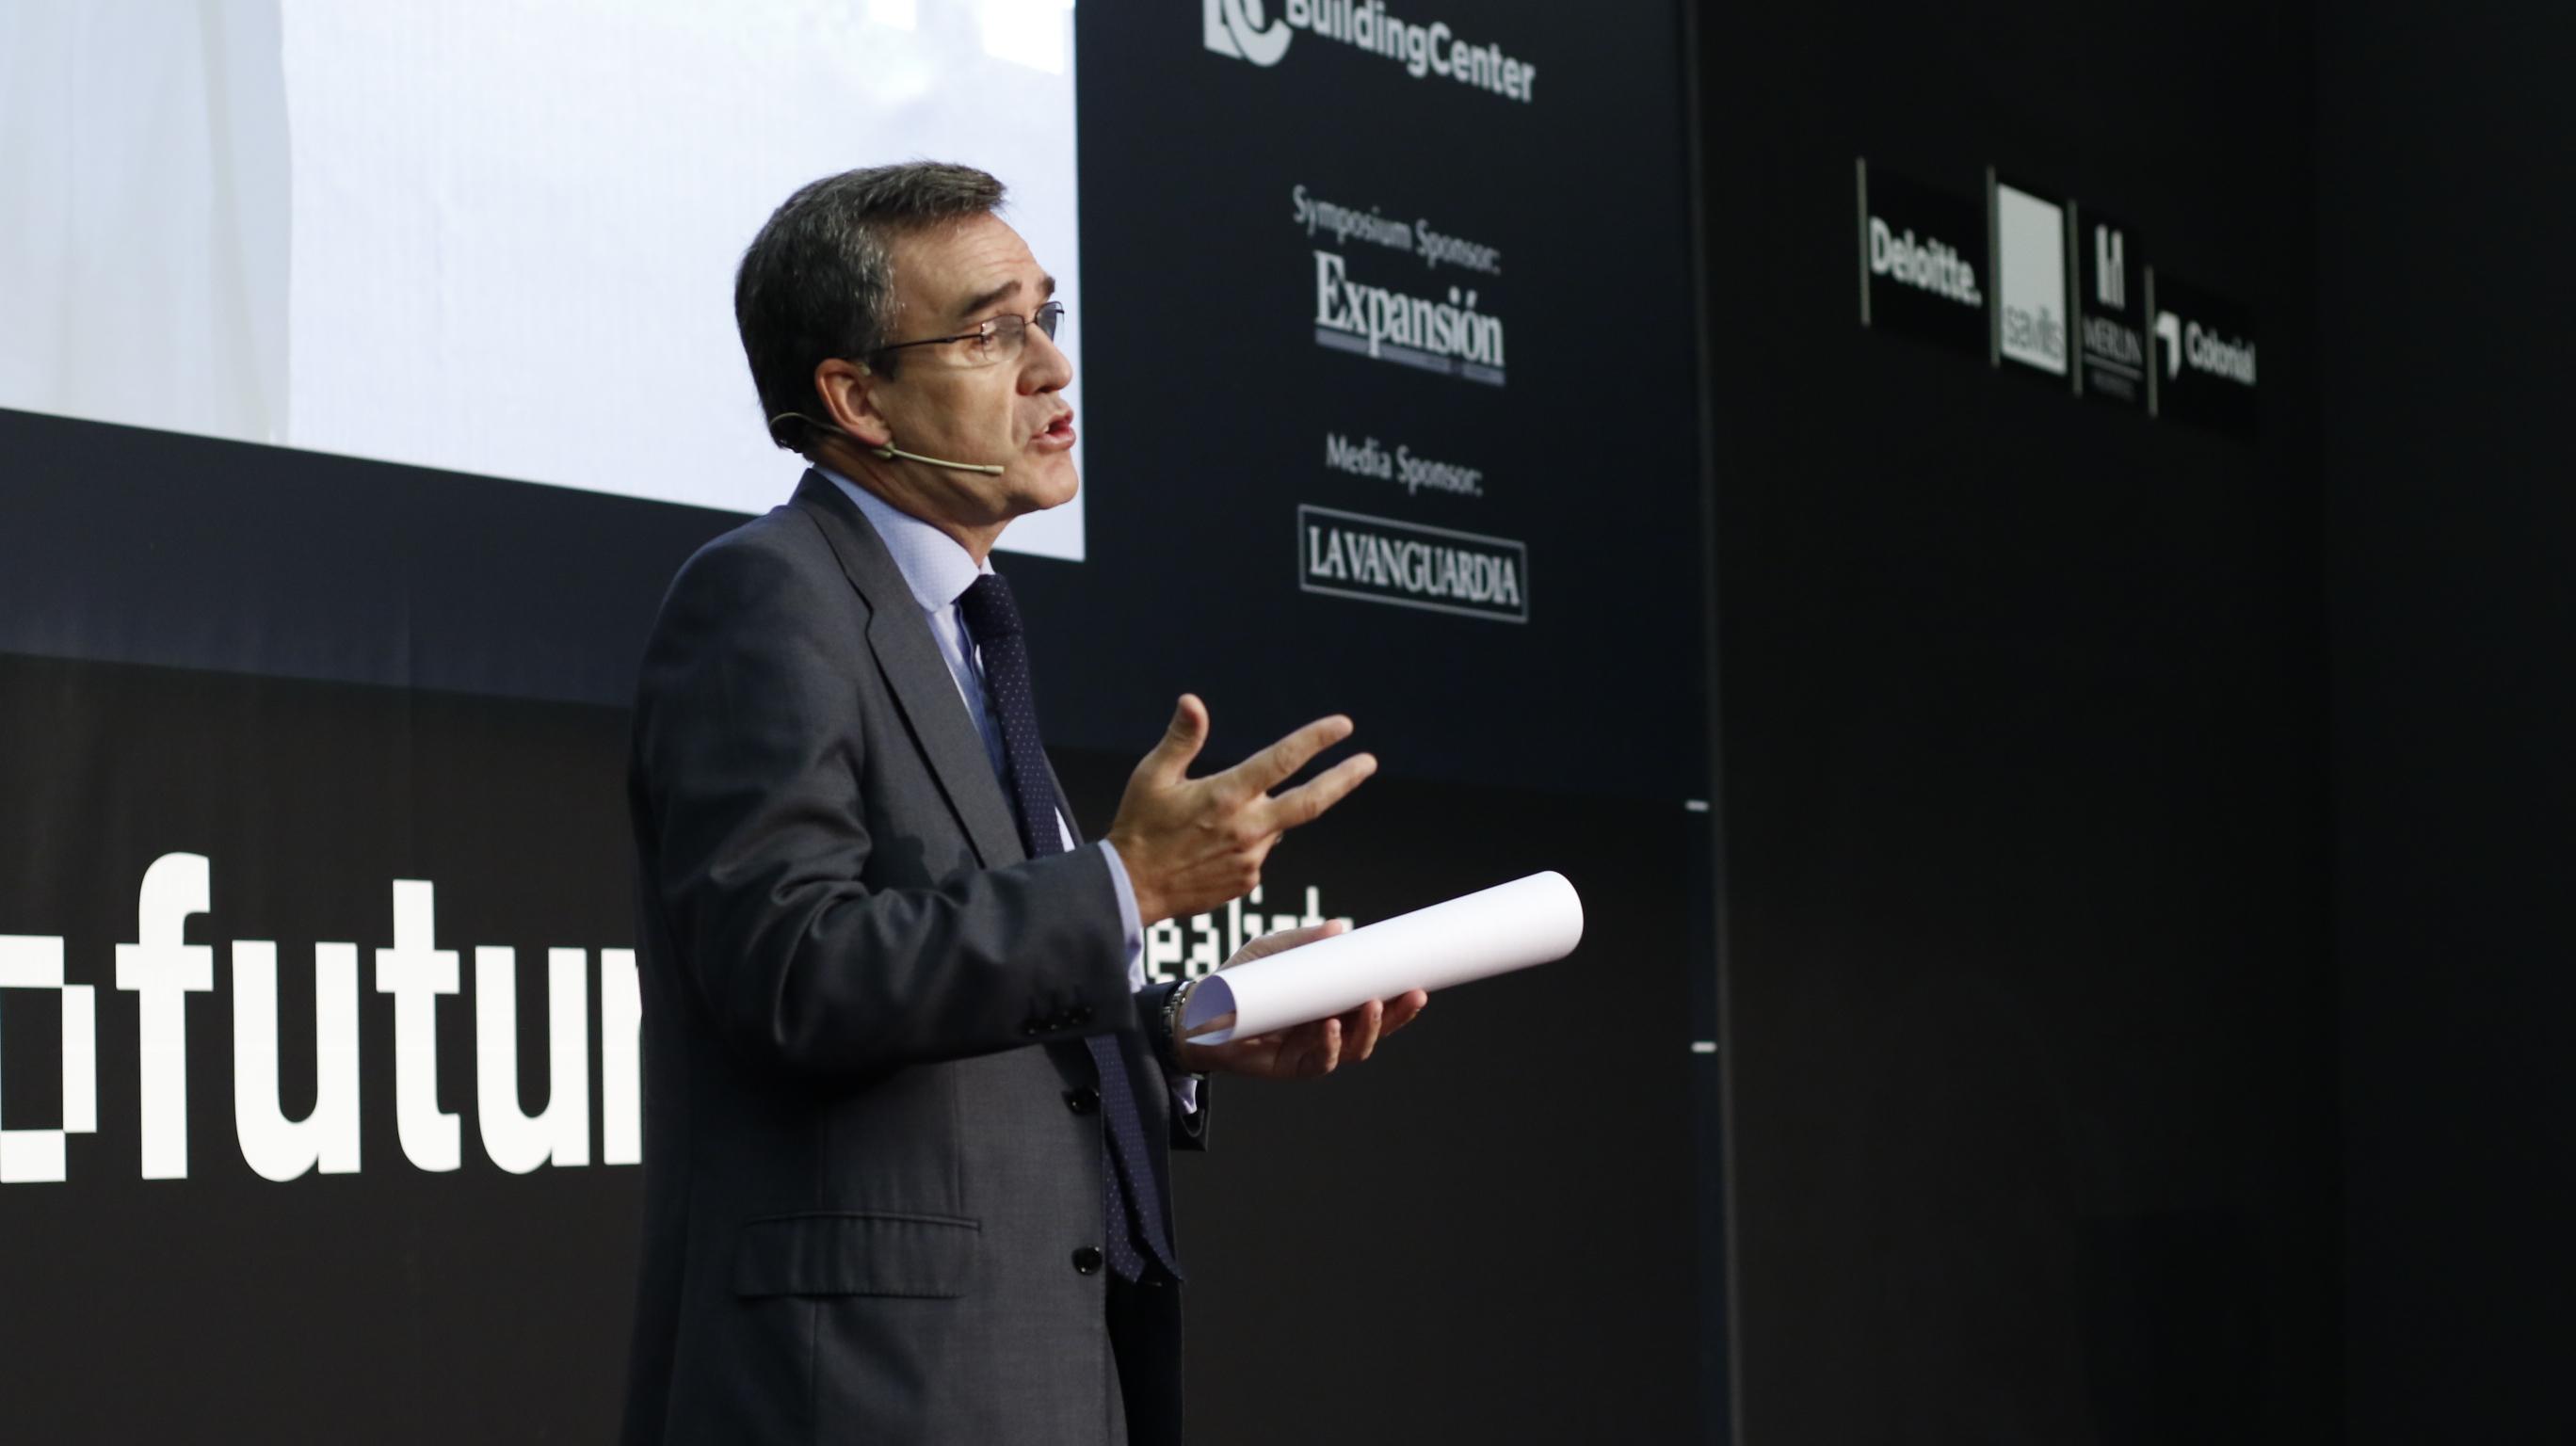 """Mikel Echavarren, CEO de Irea: A finales de año se dispararán las ventas de carteras de deuda inmobiliaria"""""""